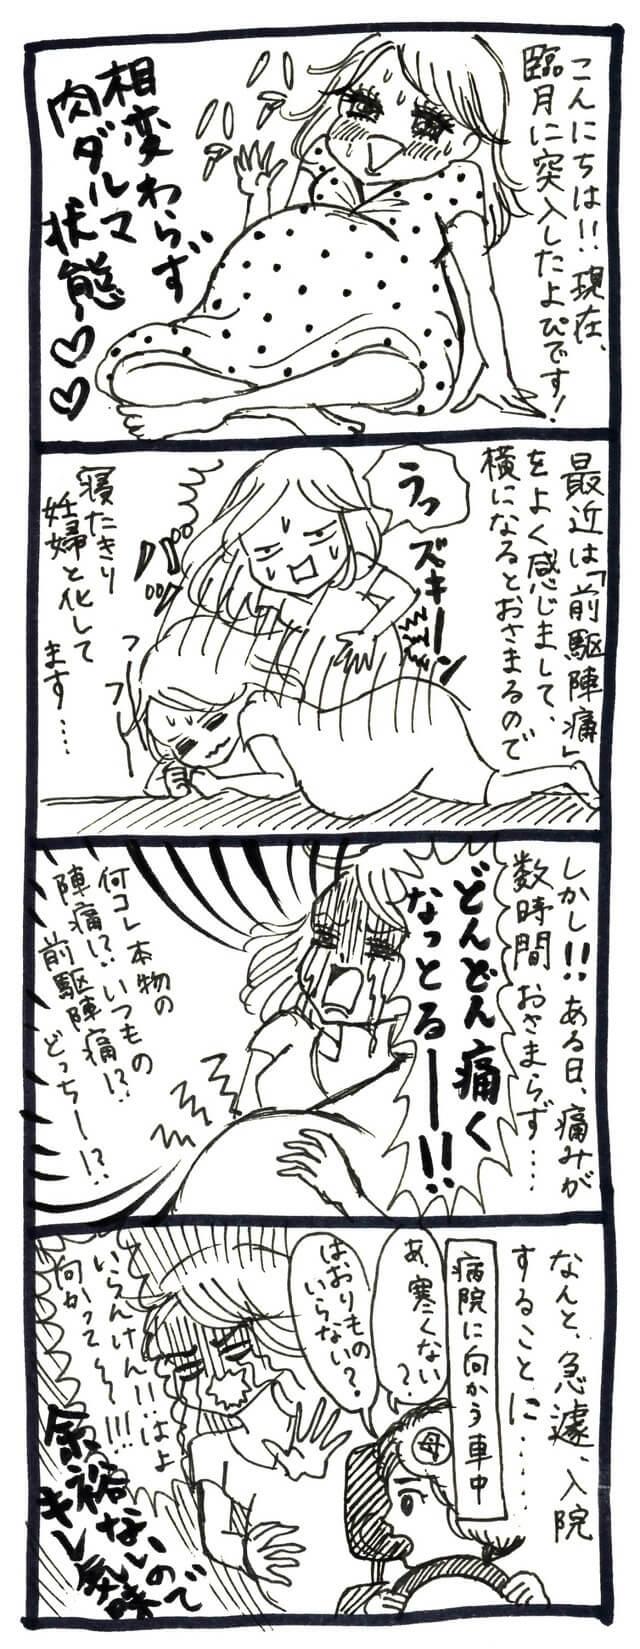 臨月の妊婦yopipiの苦悩,,,